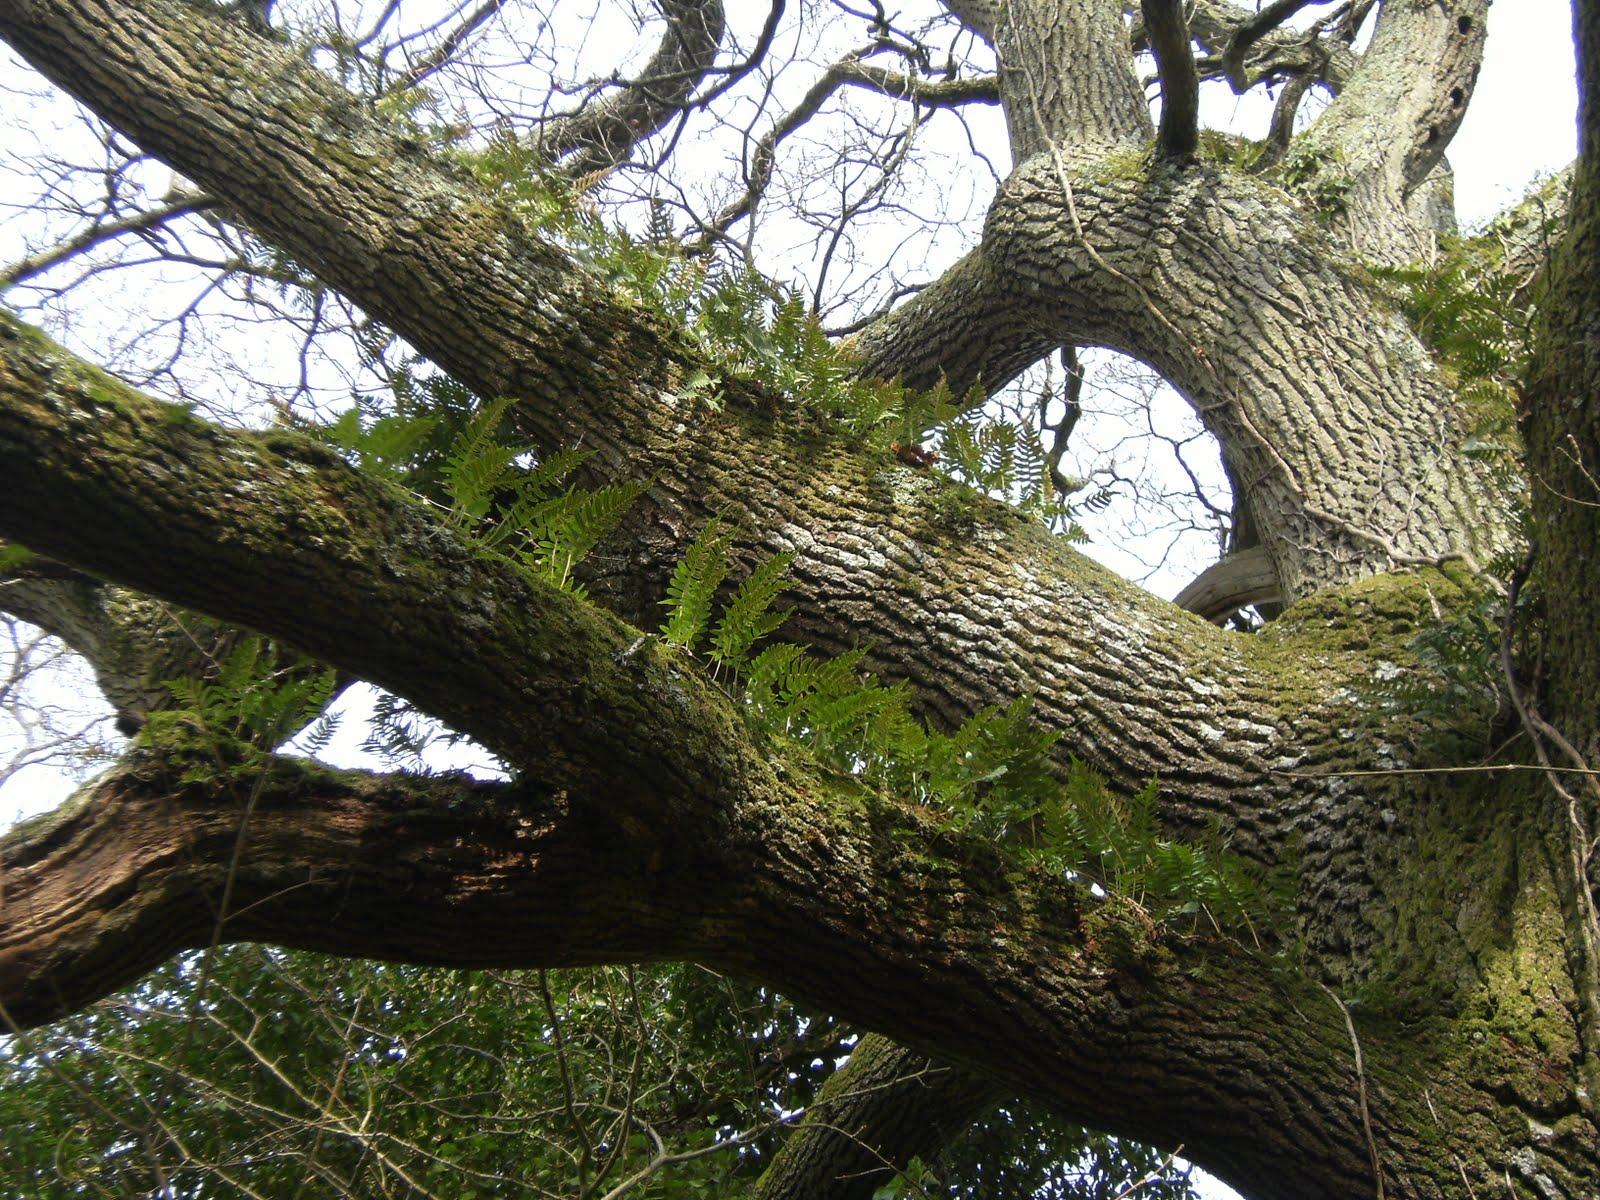 1103120006 Polypody ferns growing on old oak tree